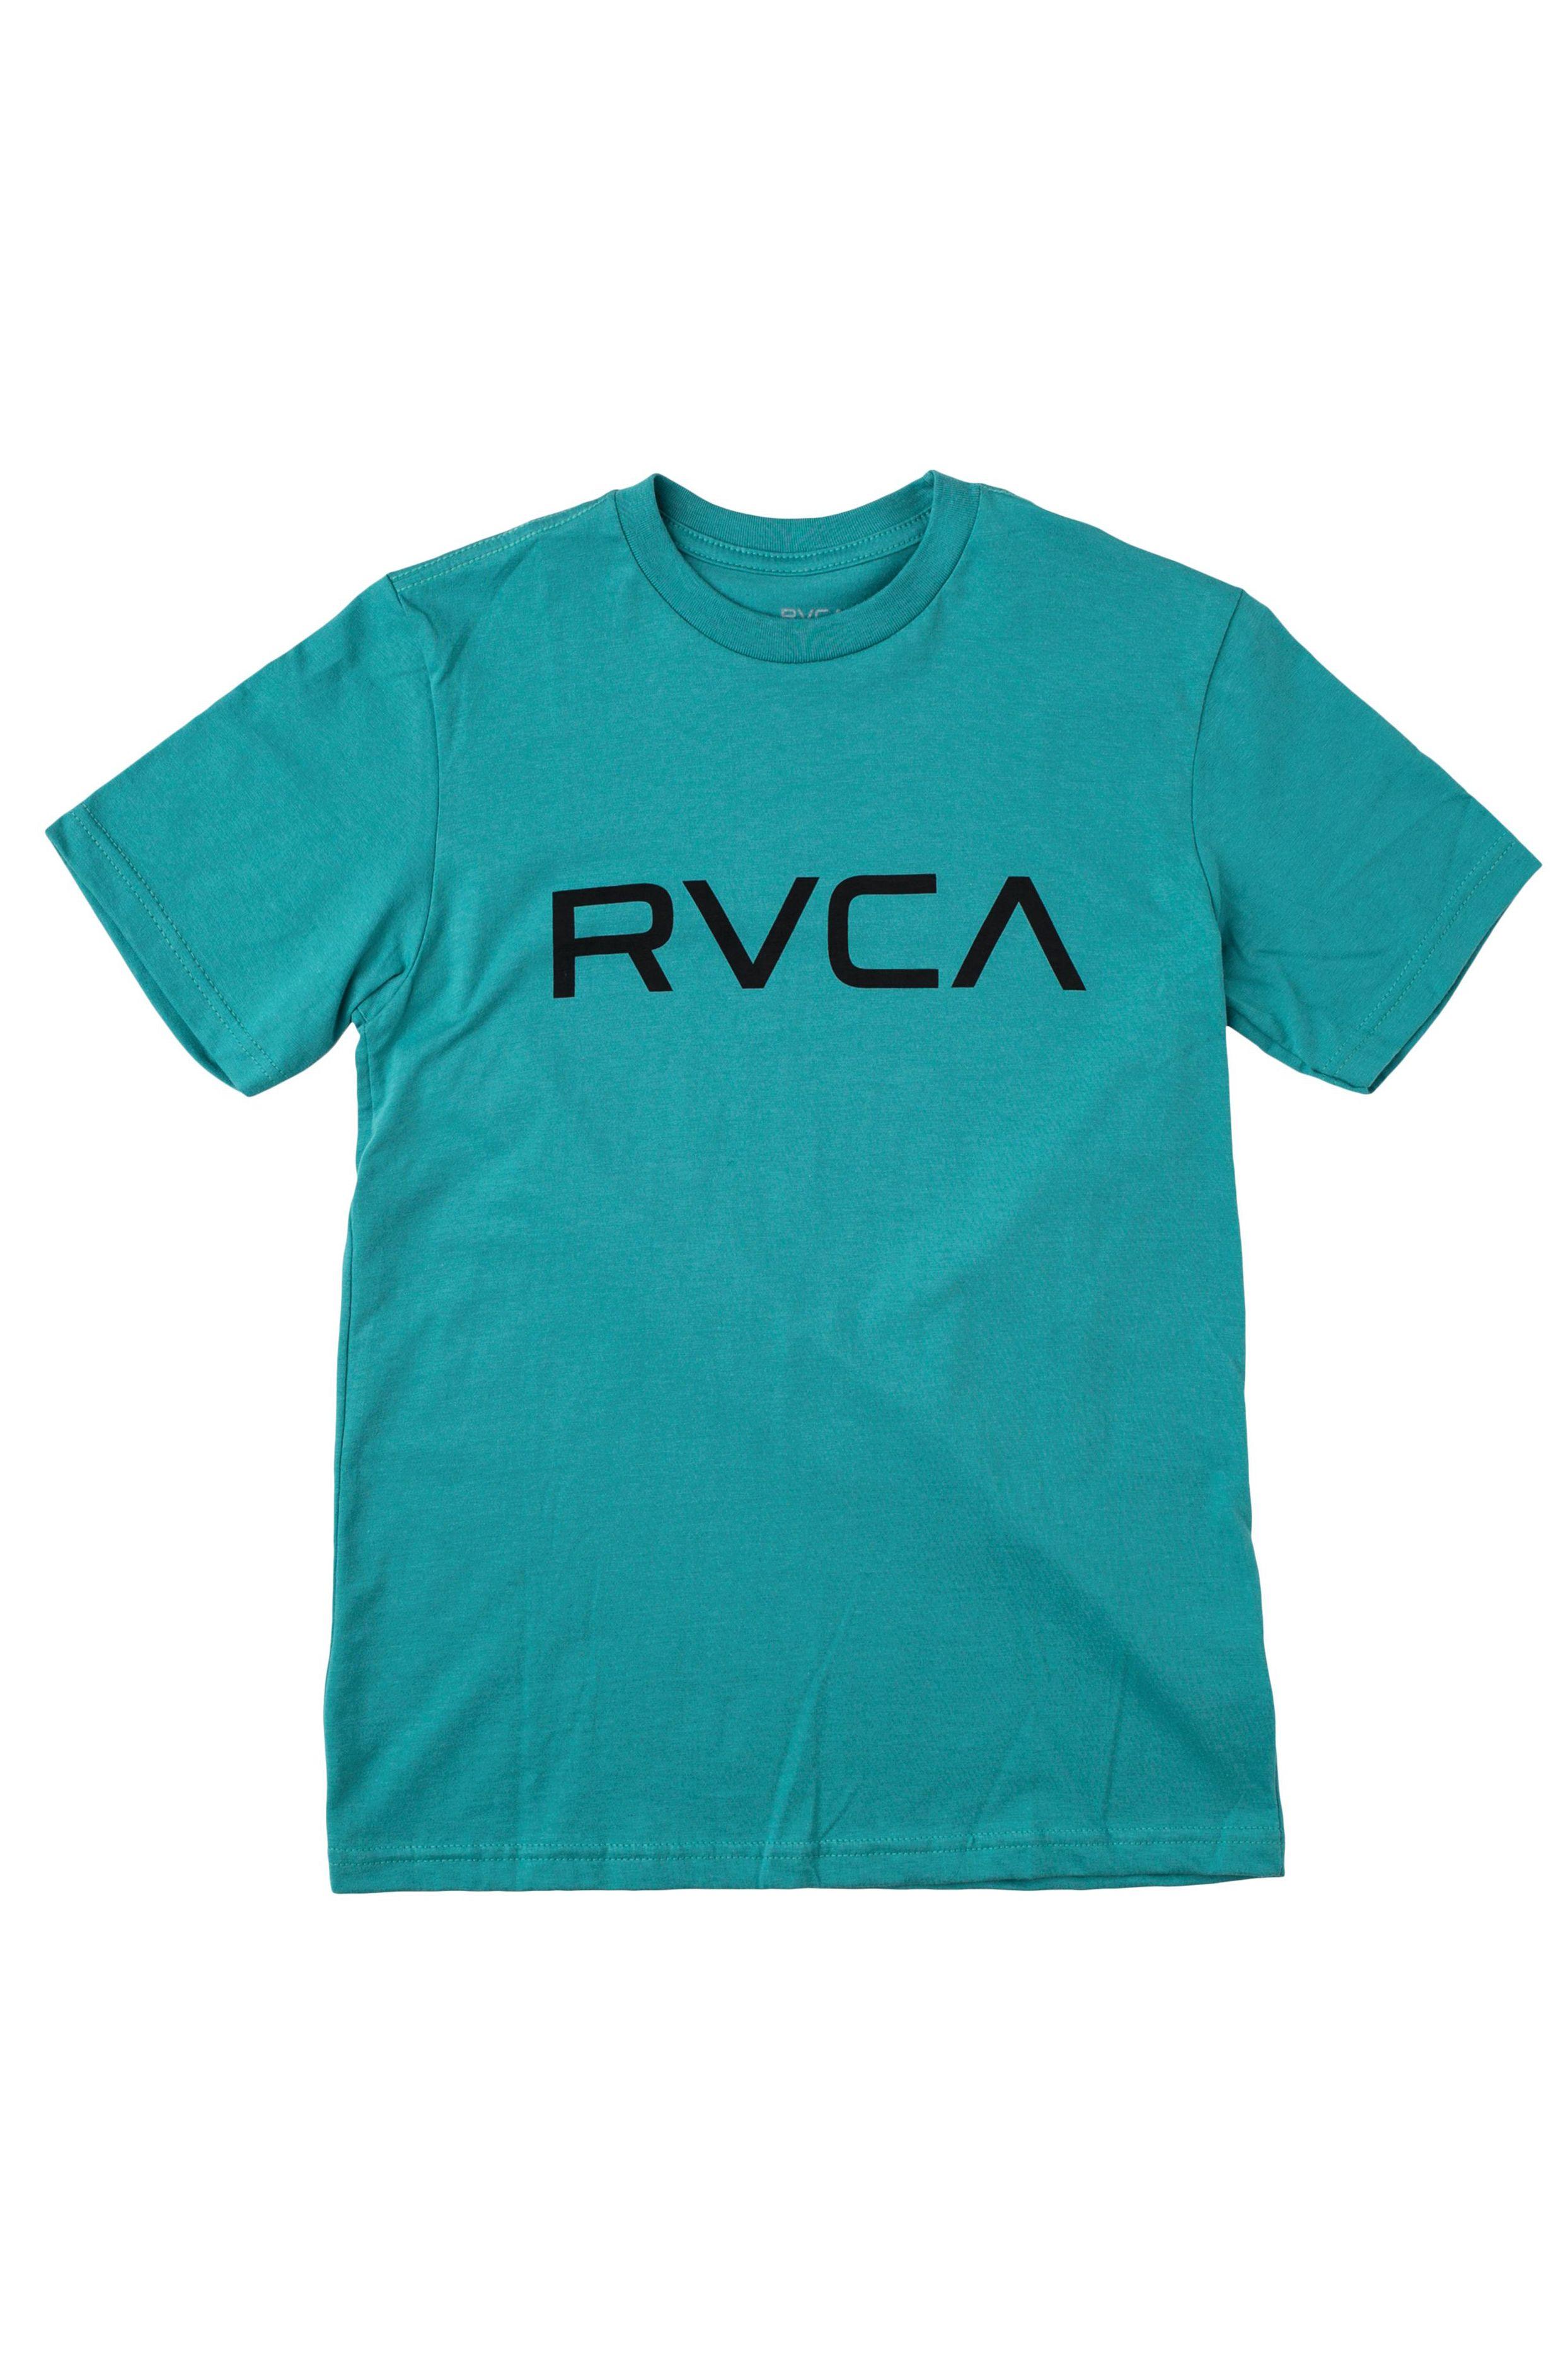 T-Shirt RVCA BIG RVCA SS Turquoise